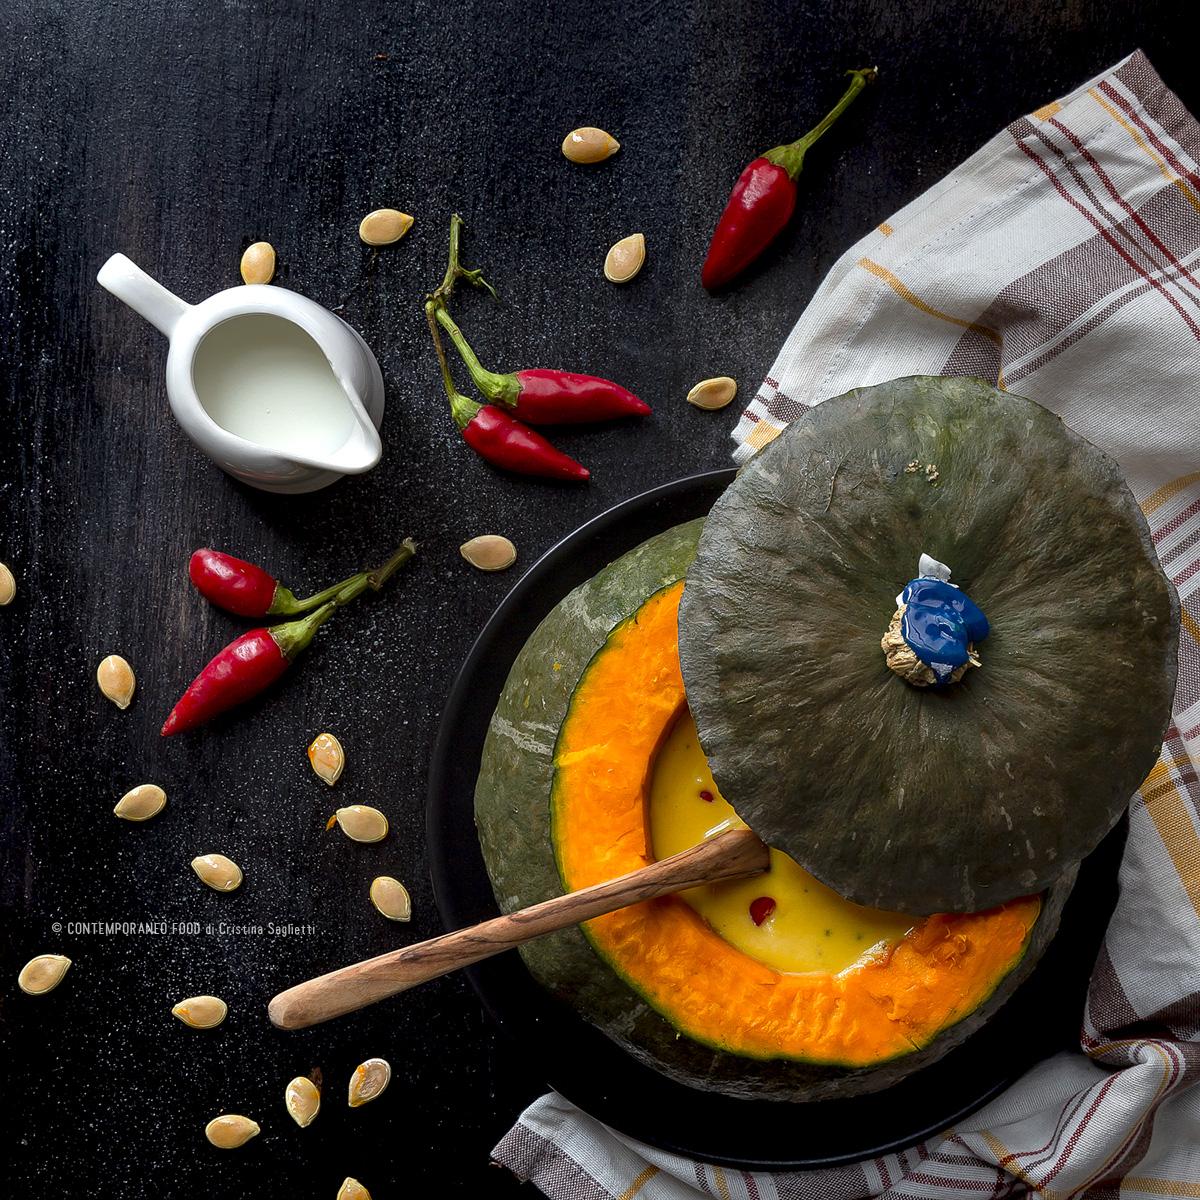 zuppe-vellutate-vellutata-di-zucca-con-latte-di-cocco-peperoncino-alloro-1-contemporaneo-food